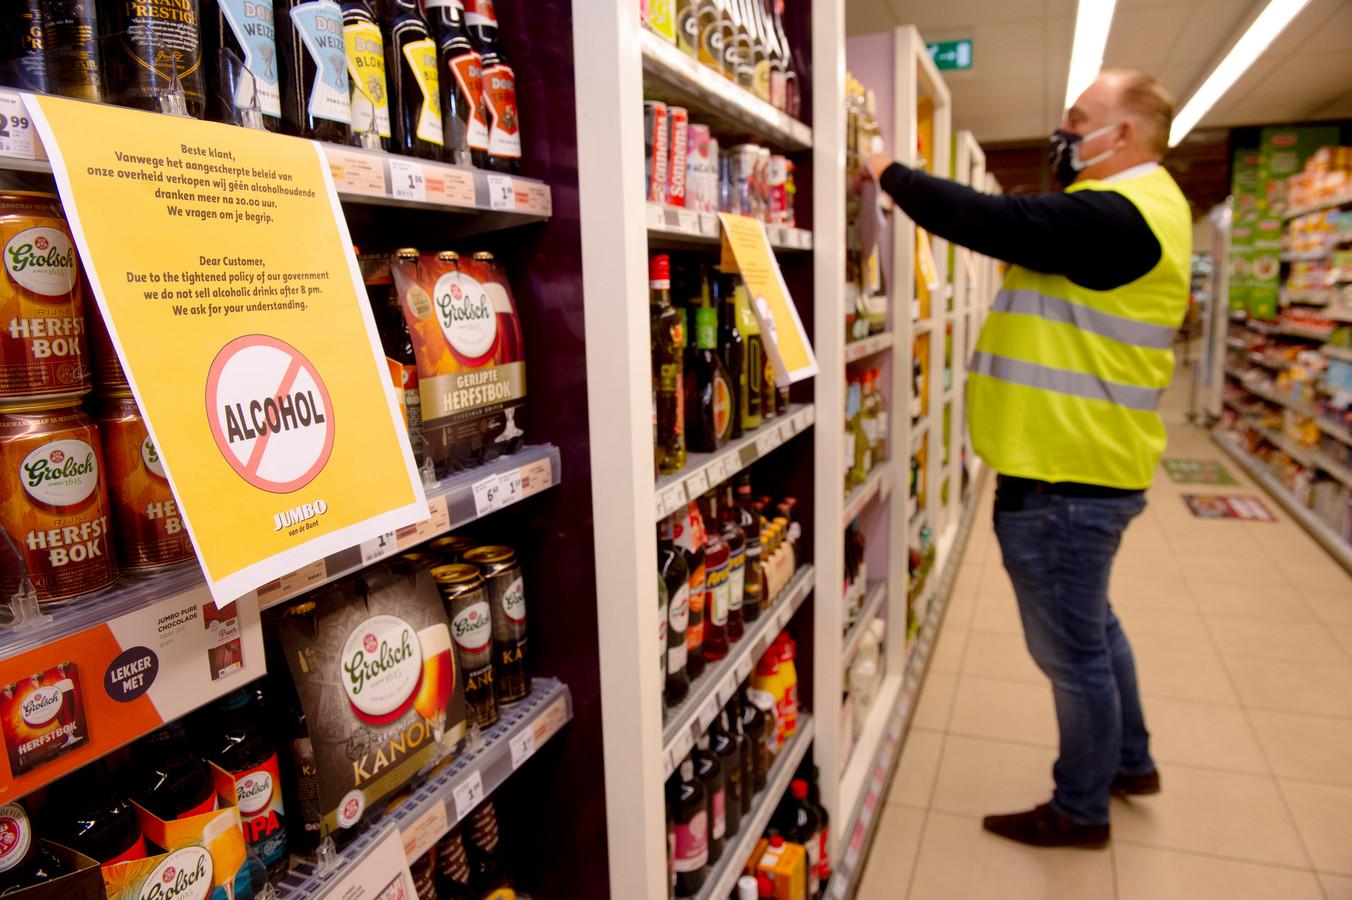 Een medewerker van de Jumbo zet de schappen af, omdat na 20 uur geen alcohol meer verkocht mag worden.